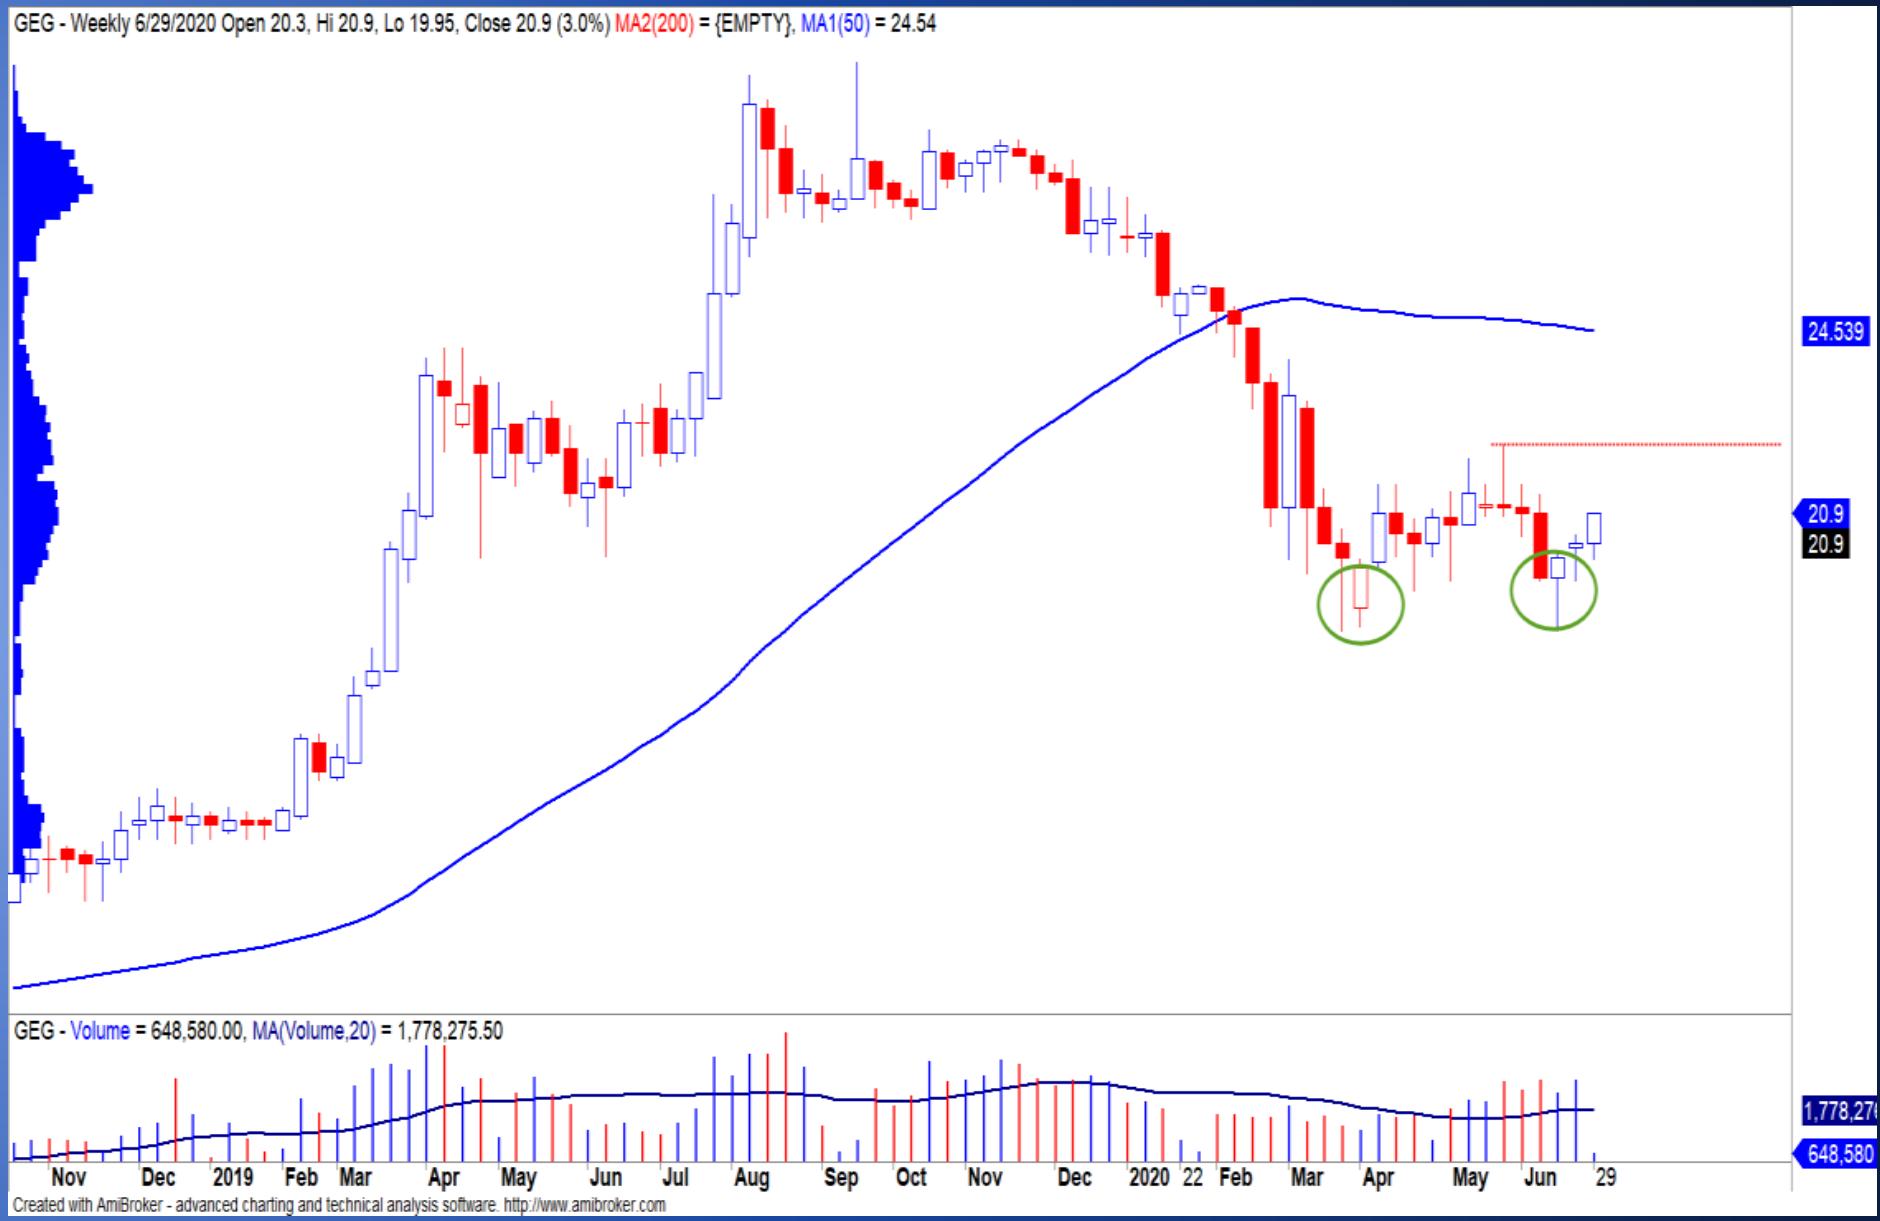 Cổ phiếu tâm điểm ngày 1/7: VPB, GEG, TLG - Ảnh 2.